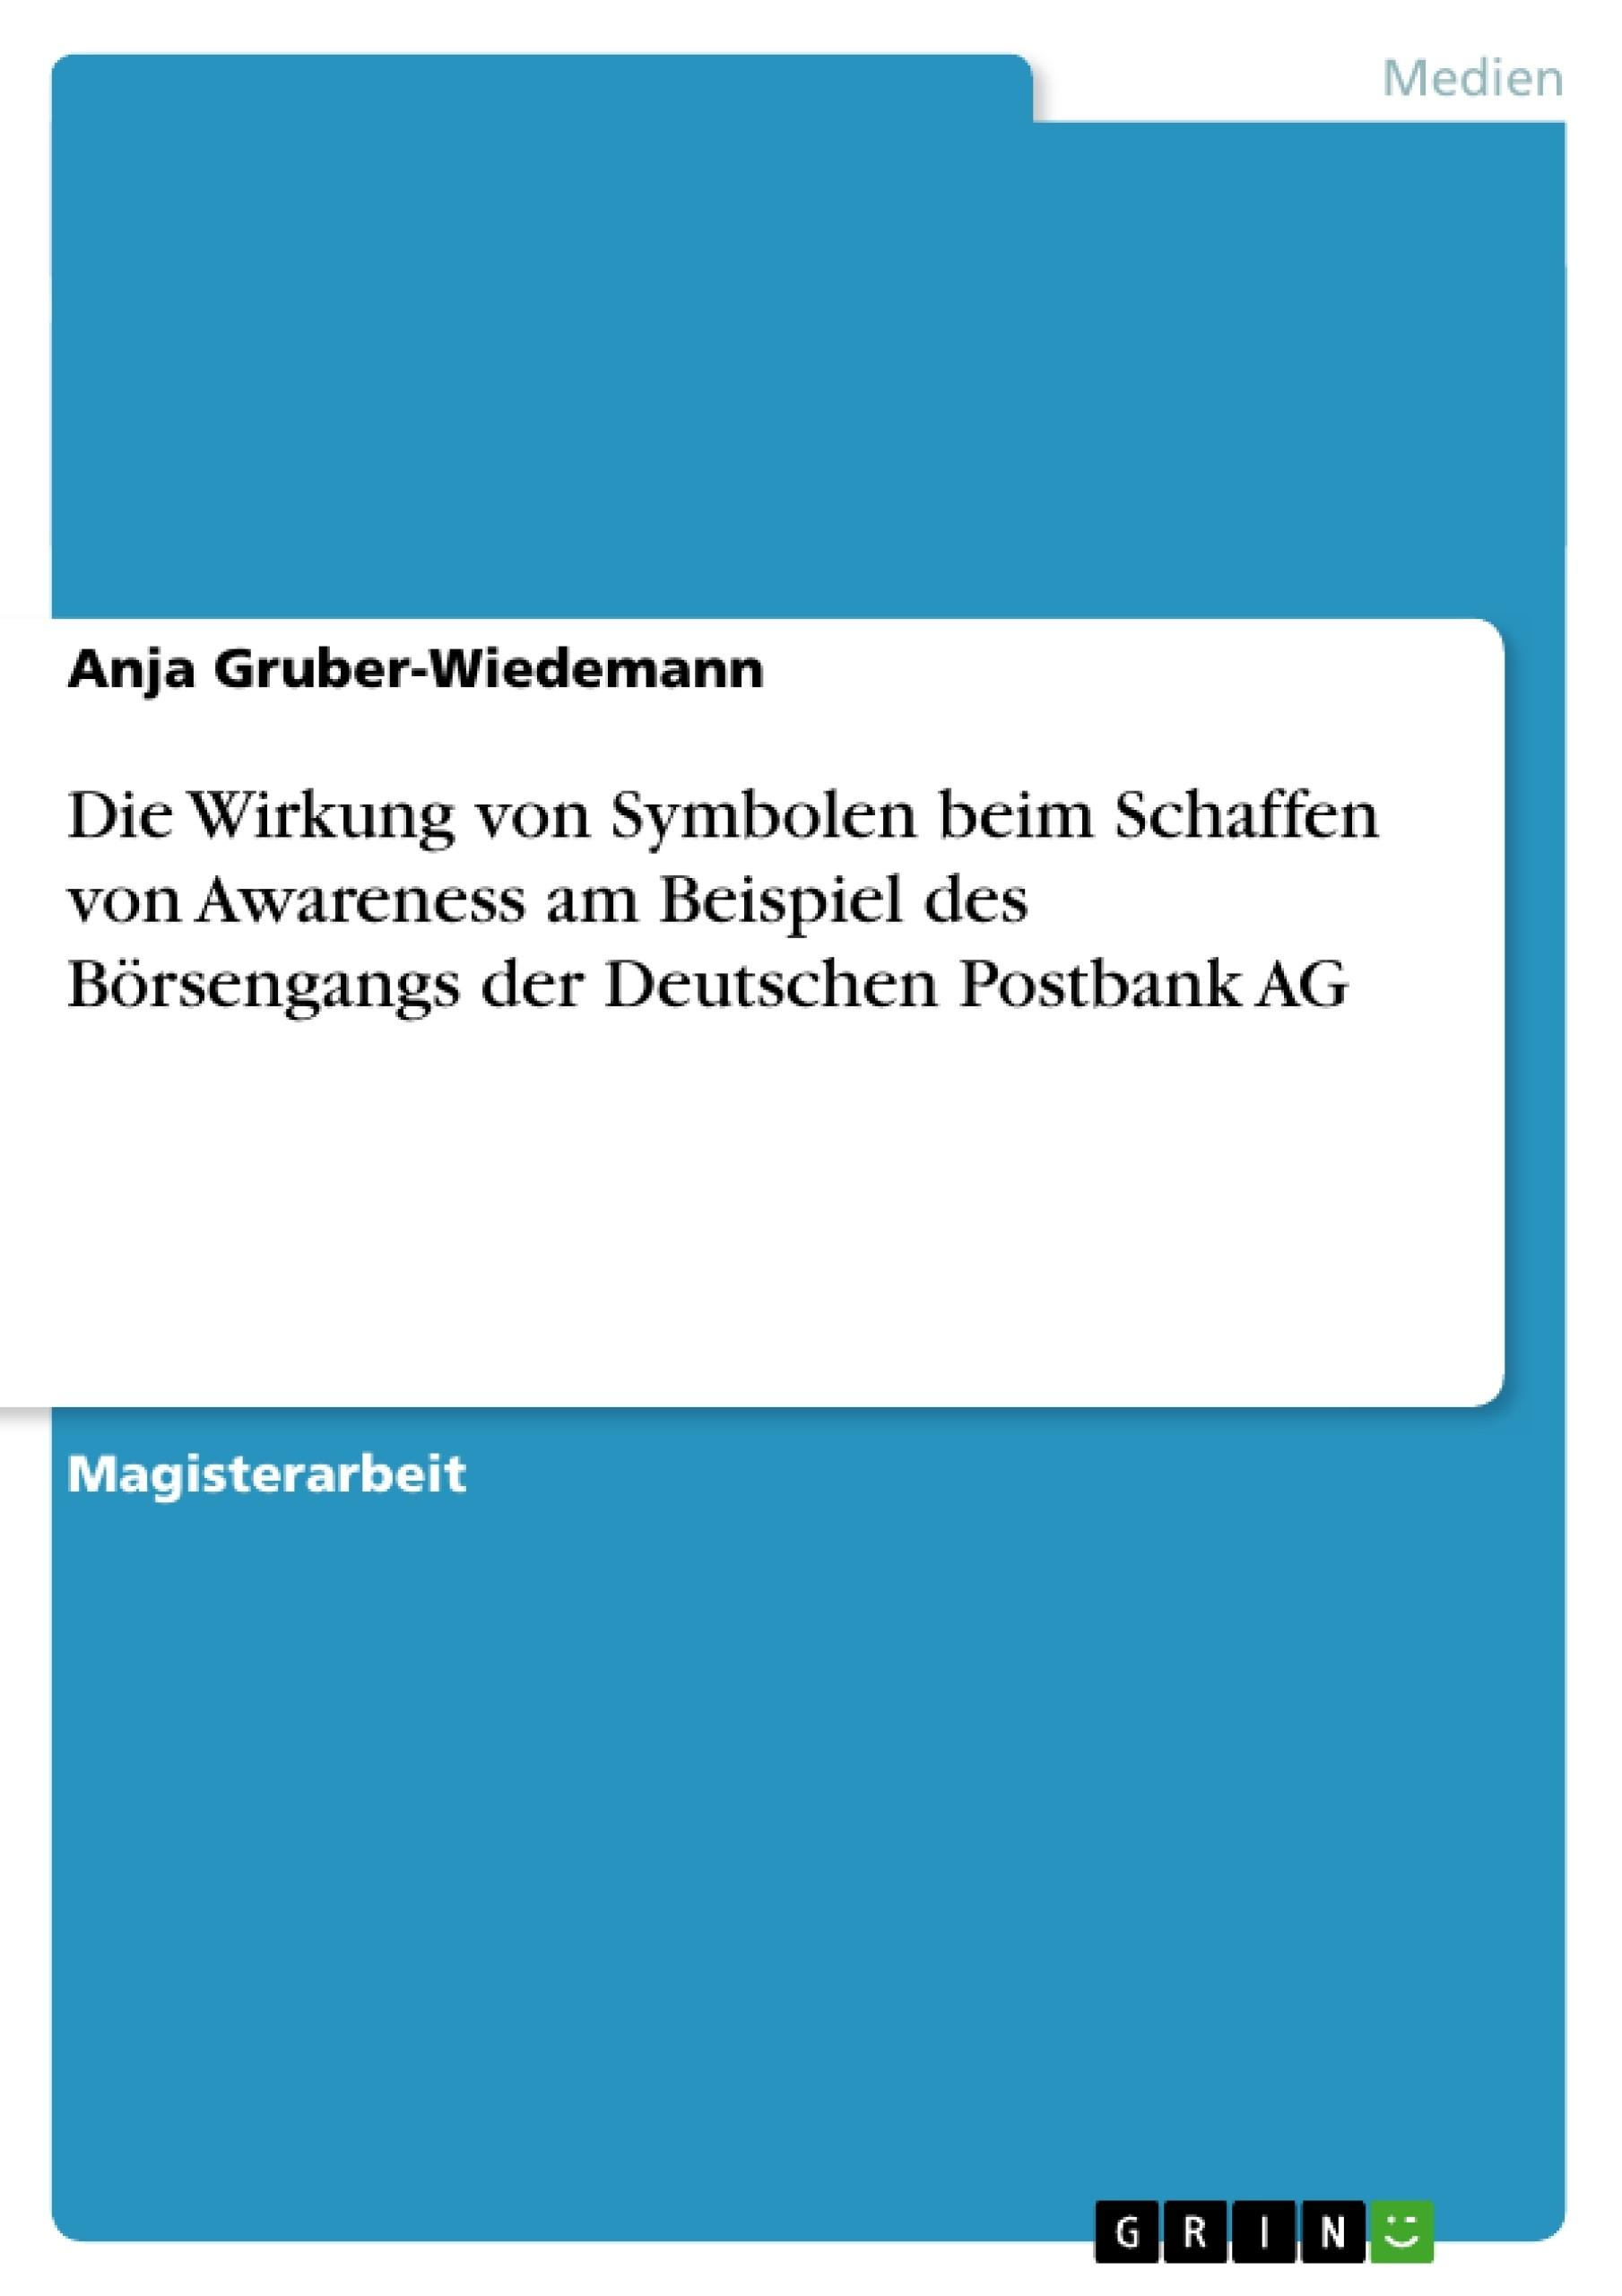 Titel: Die Wirkung von Symbolen beim Schaffen von Awareness am Beispiel des Börsengangs der Deutschen Postbank AG